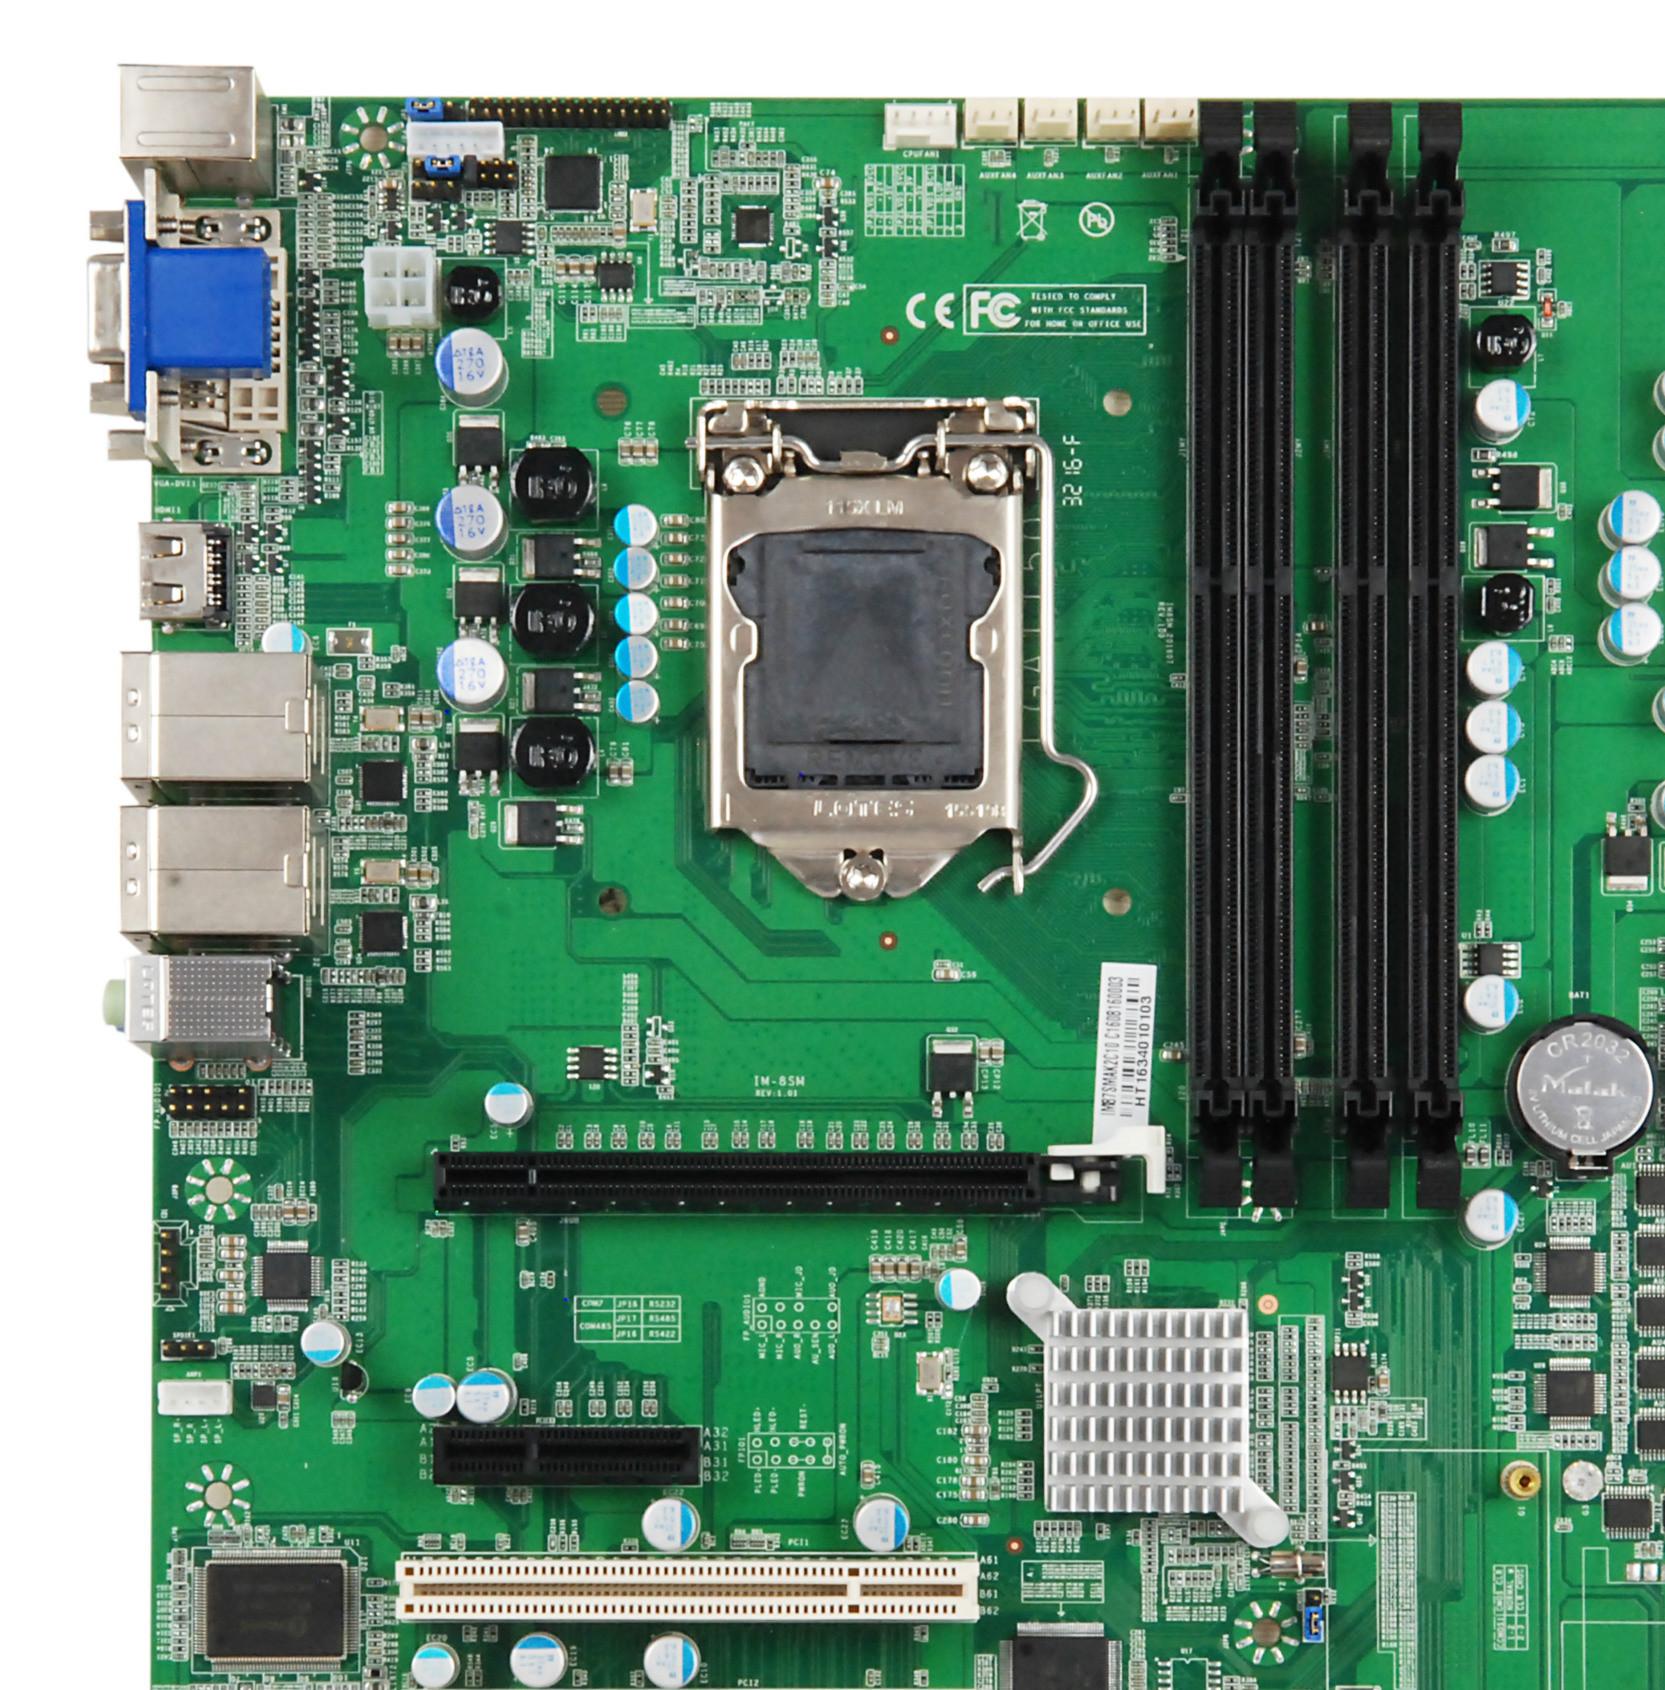 IM87SMAK2C10 工业母板/PCI/PCIE/存储/监控工业串口服务器主板